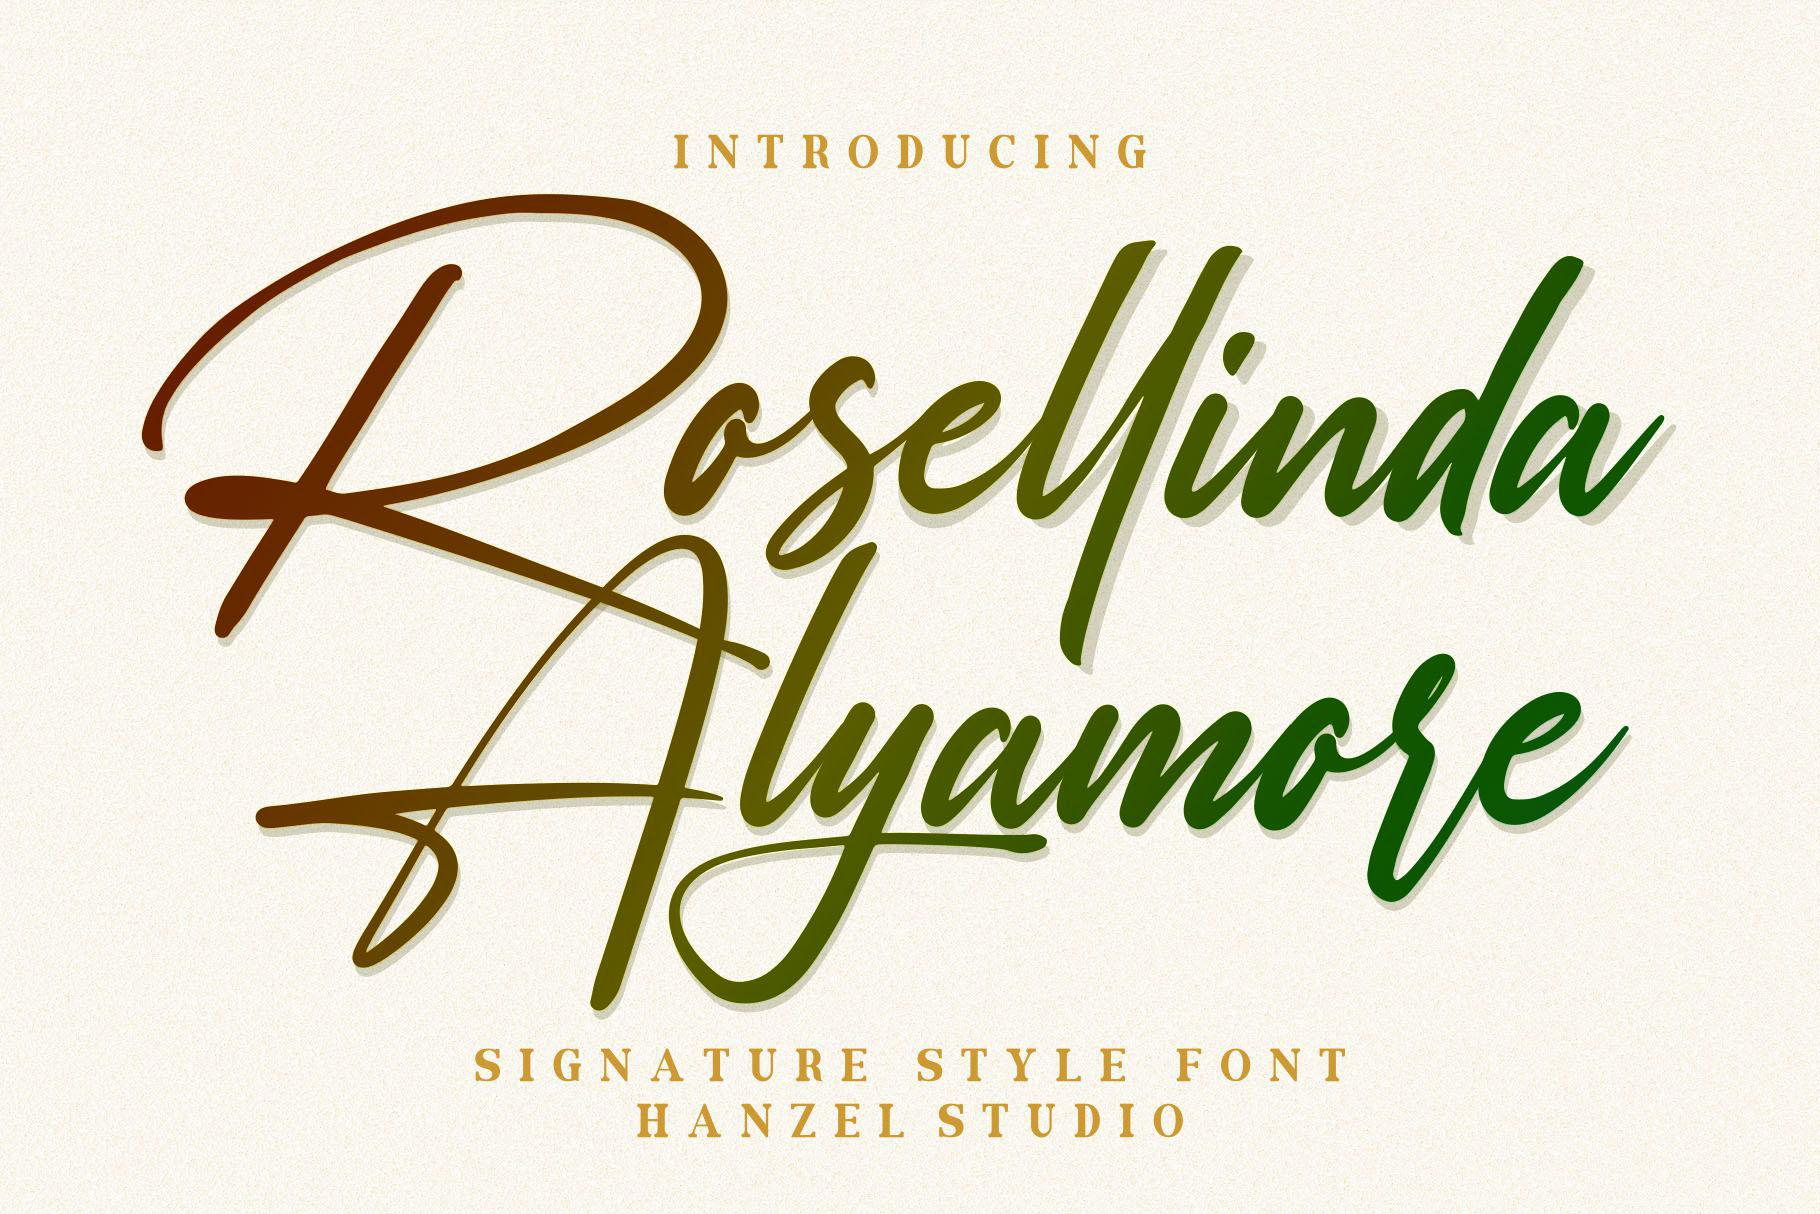 Rosellinda Alyamore Signature Font-1